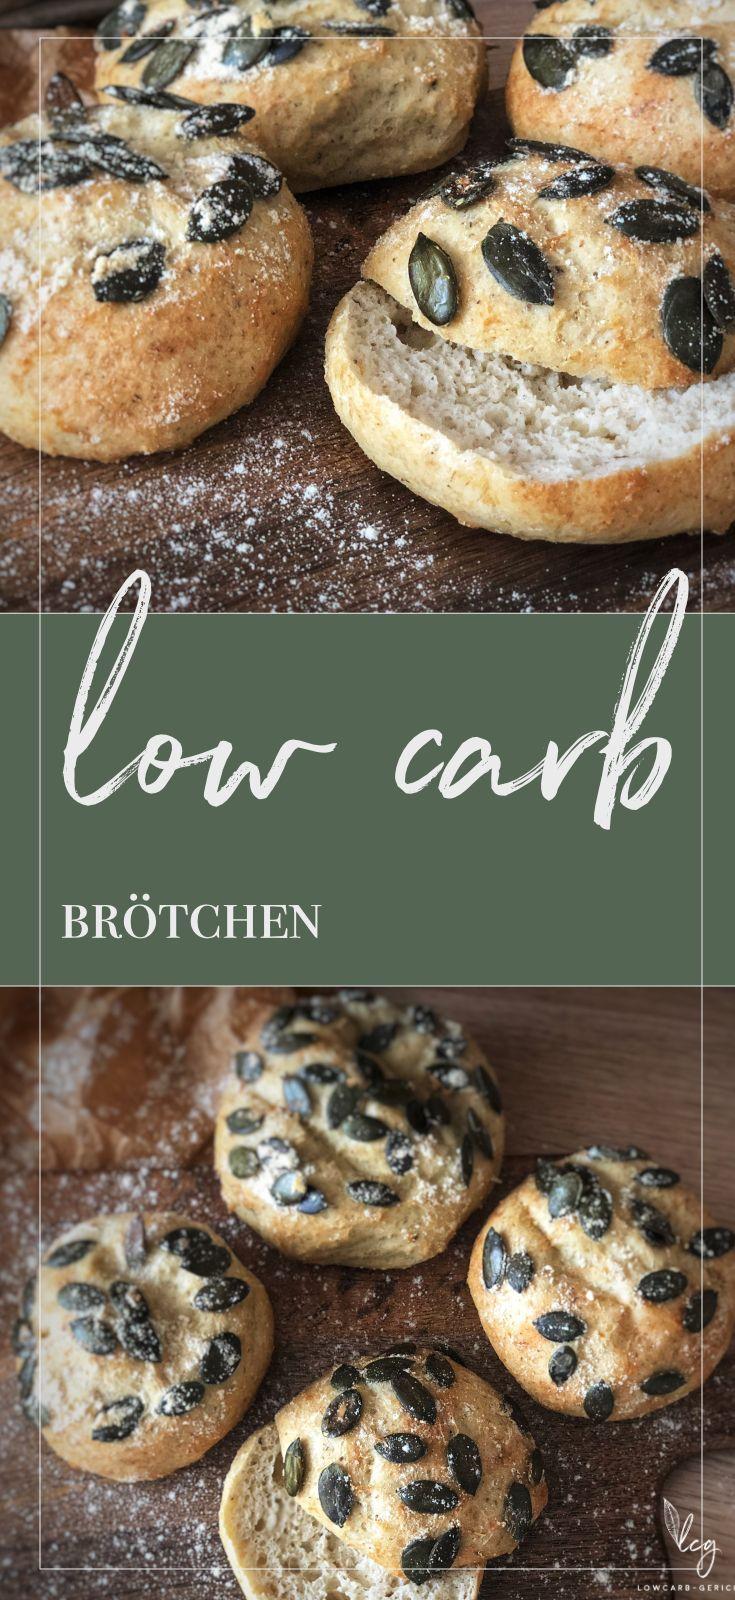 Rotoli low carb – mooolto delizioso – piatti low carb